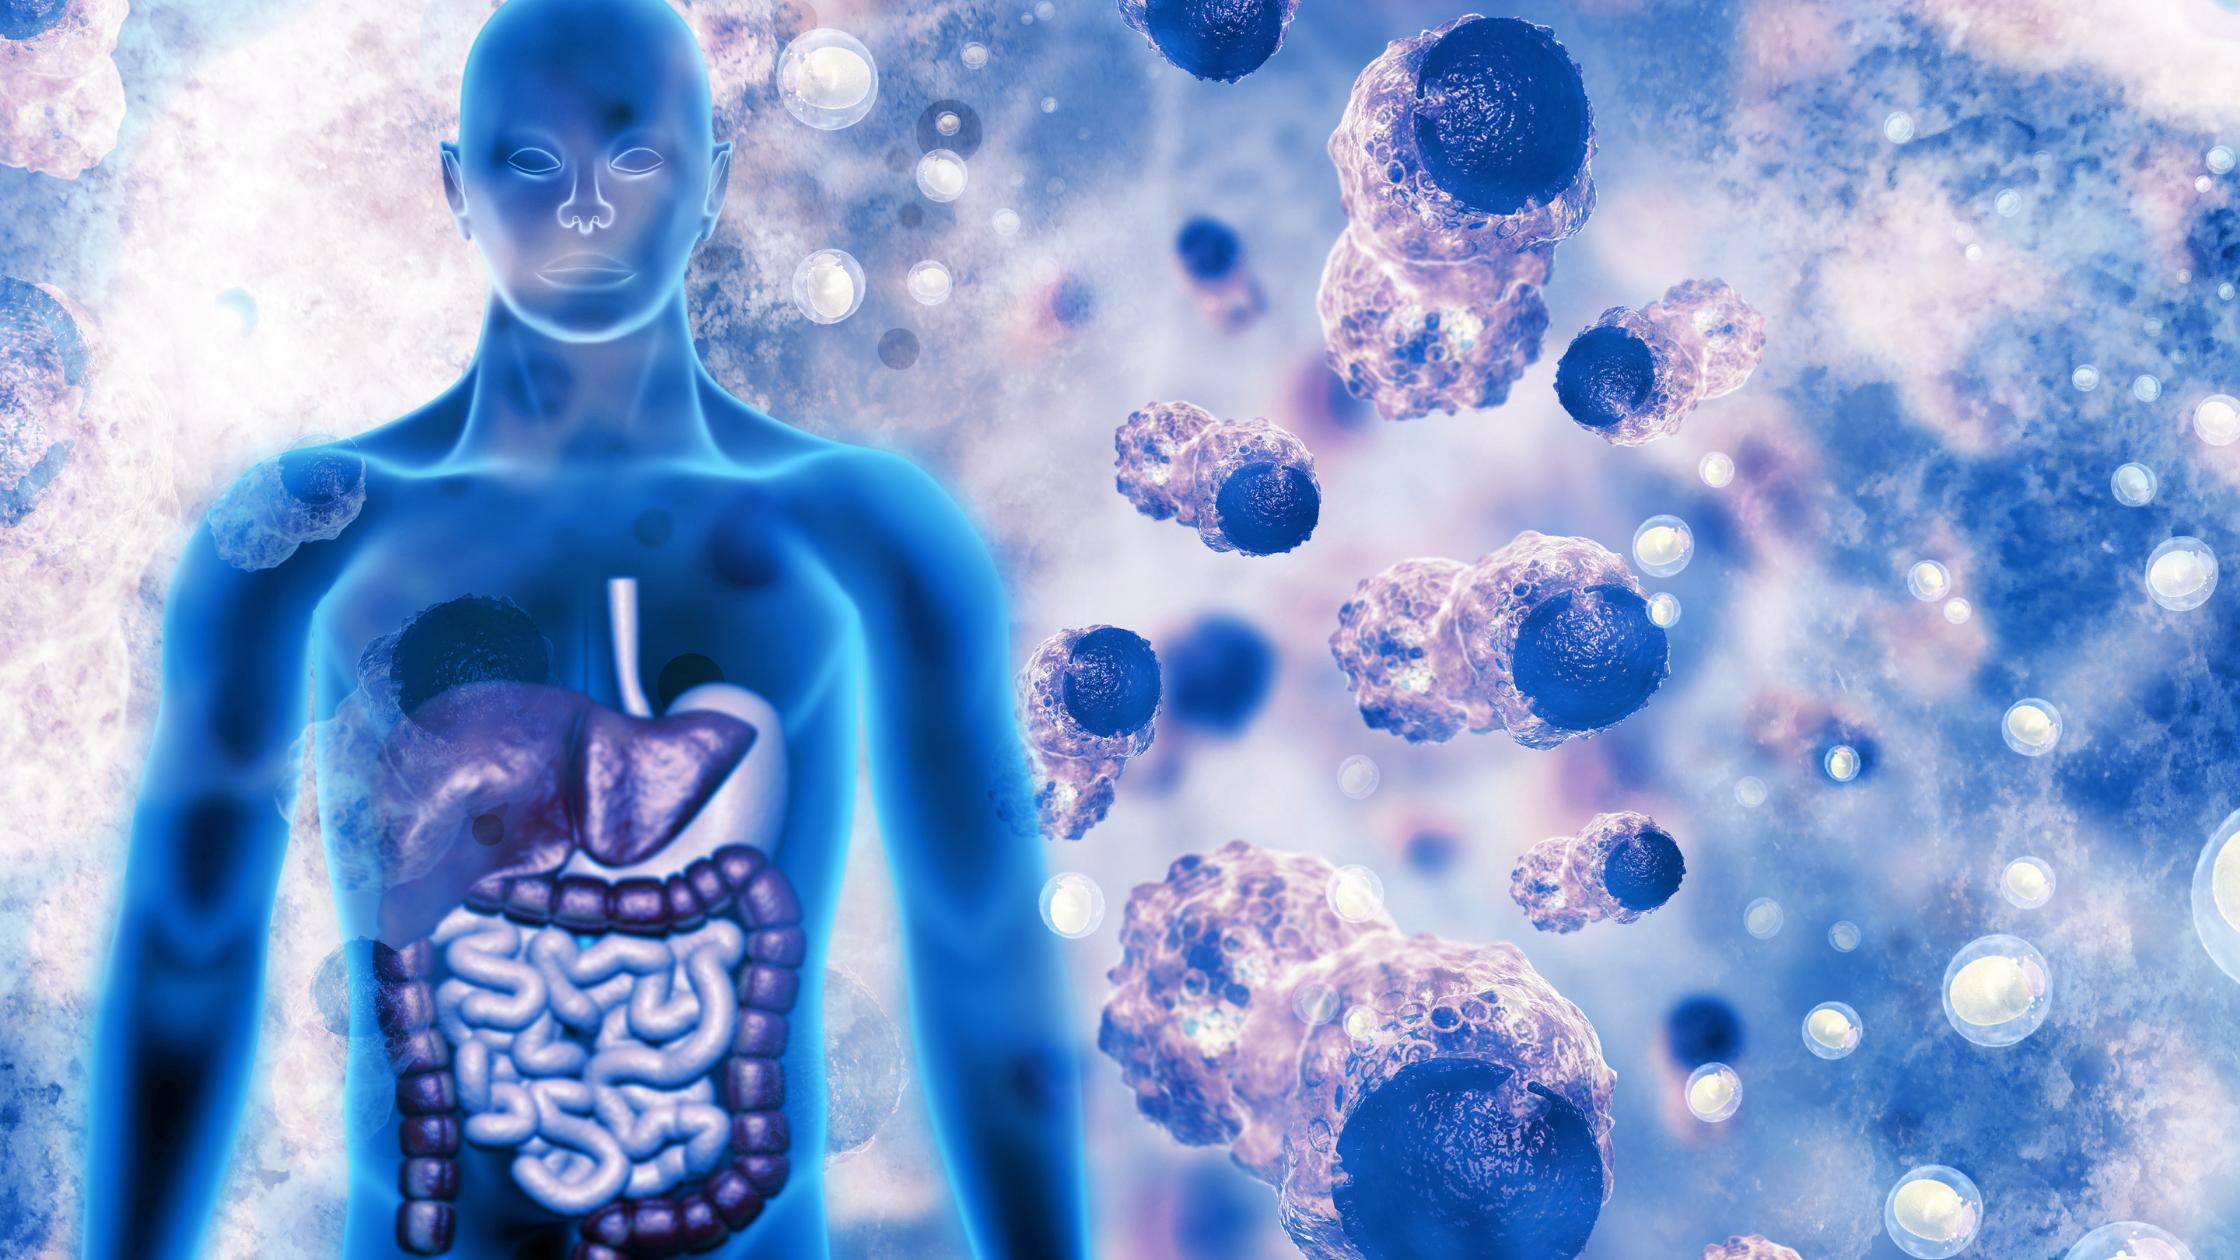 Colorectal Cancer Risk Factors: Part 2